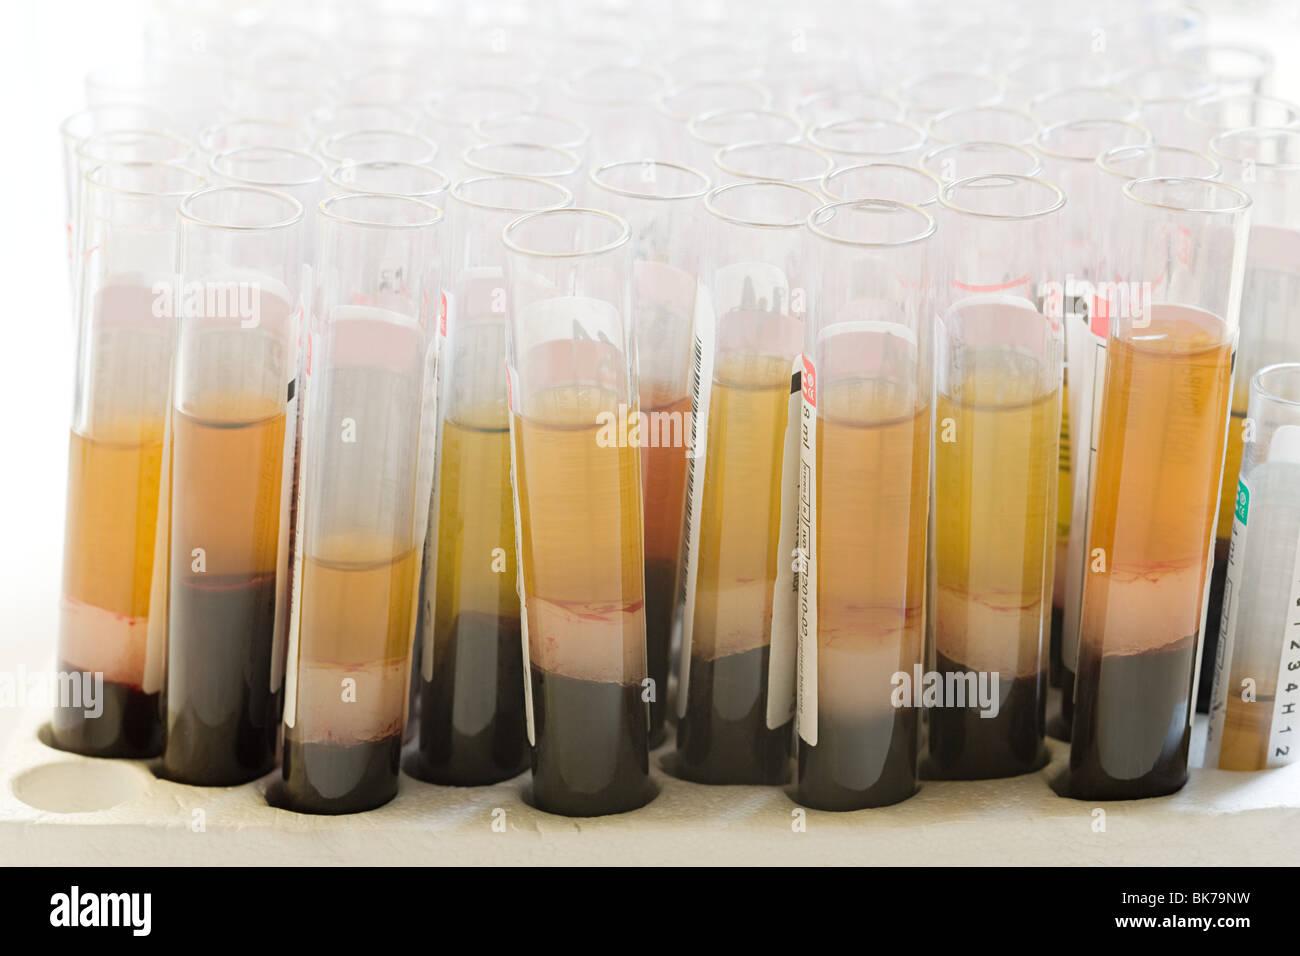 Liquid in test tubes - Stock Image